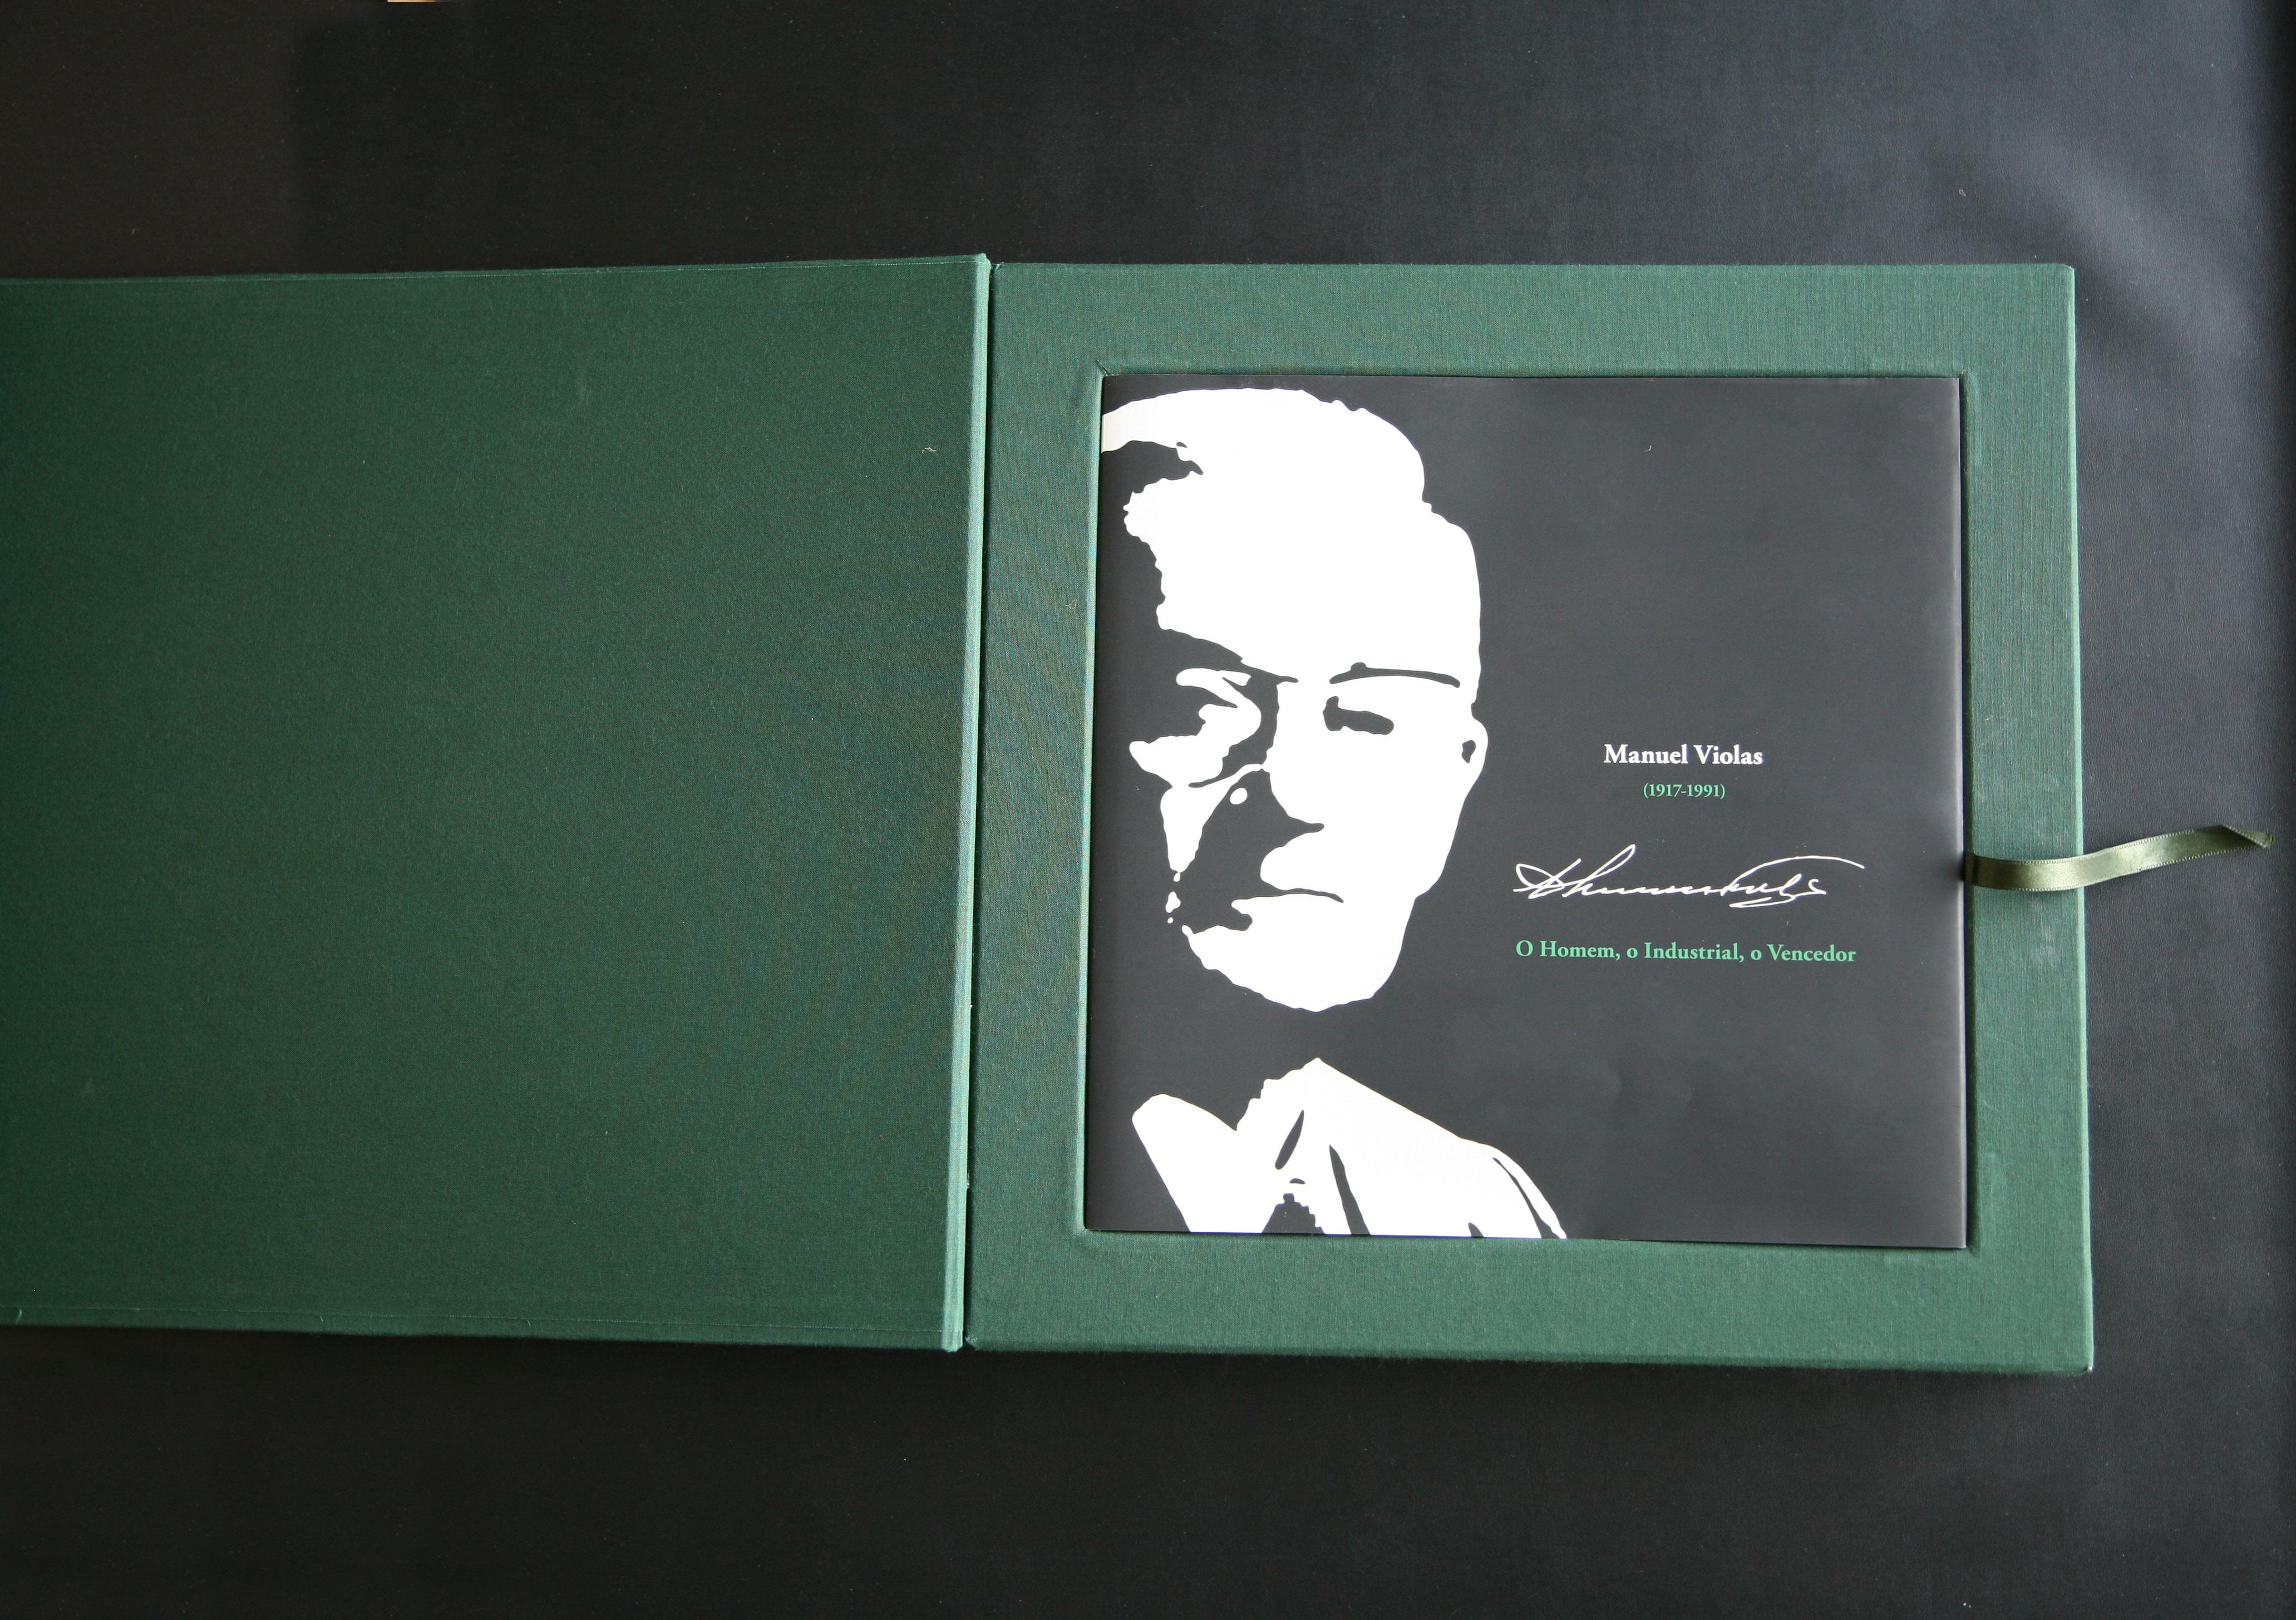 Manuel Violas